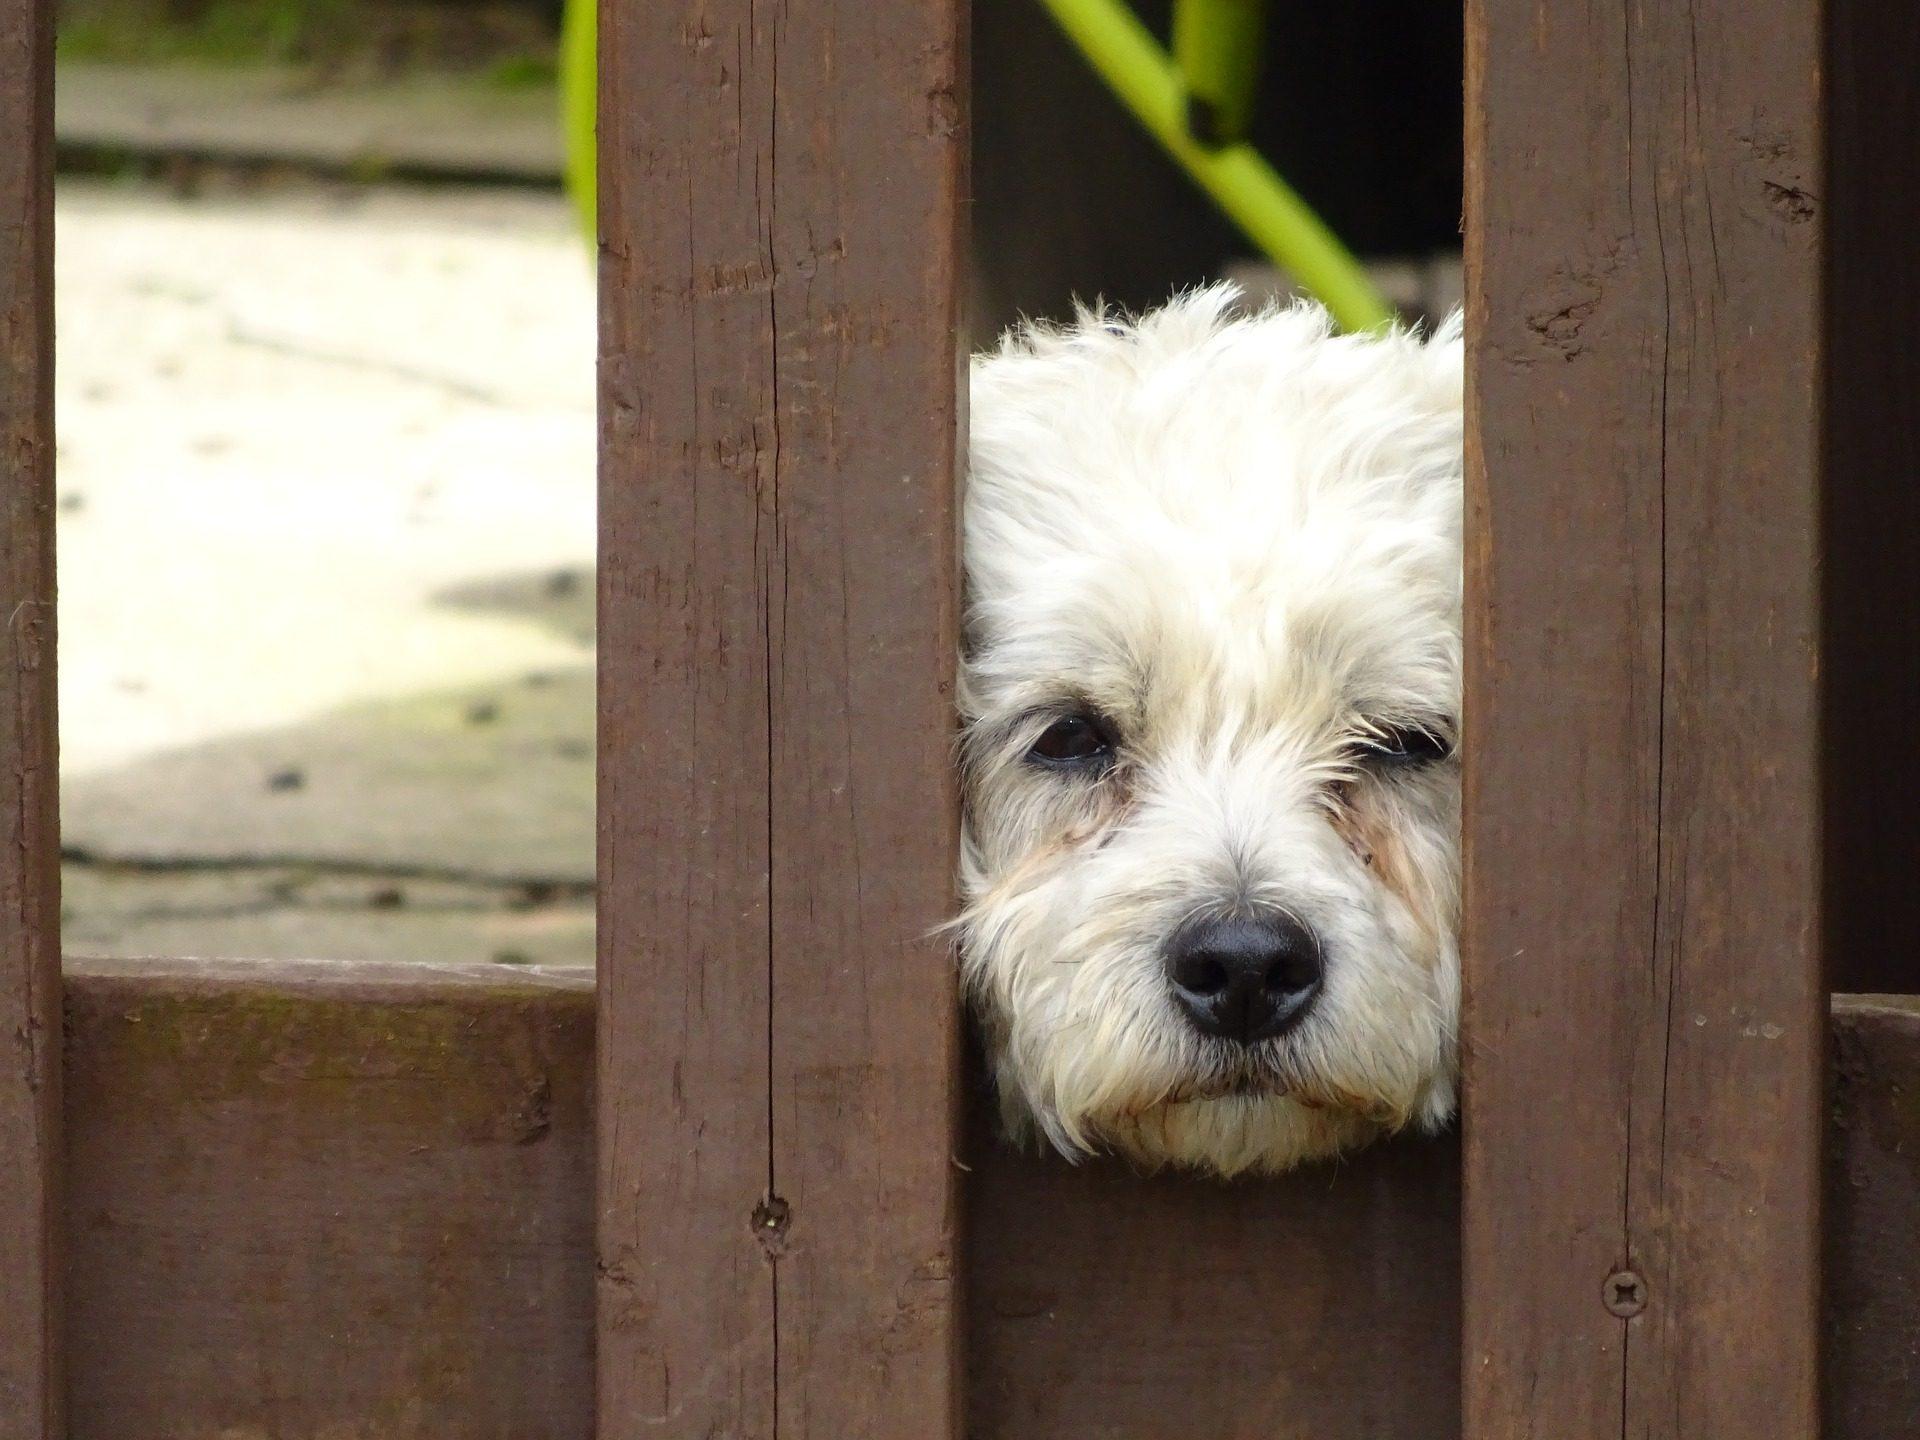 σκύλος, Κατοικίδιο ζώο, Κήπος, φράχτη, ρύγχος - Wallpapers HD - Professor-falken.com